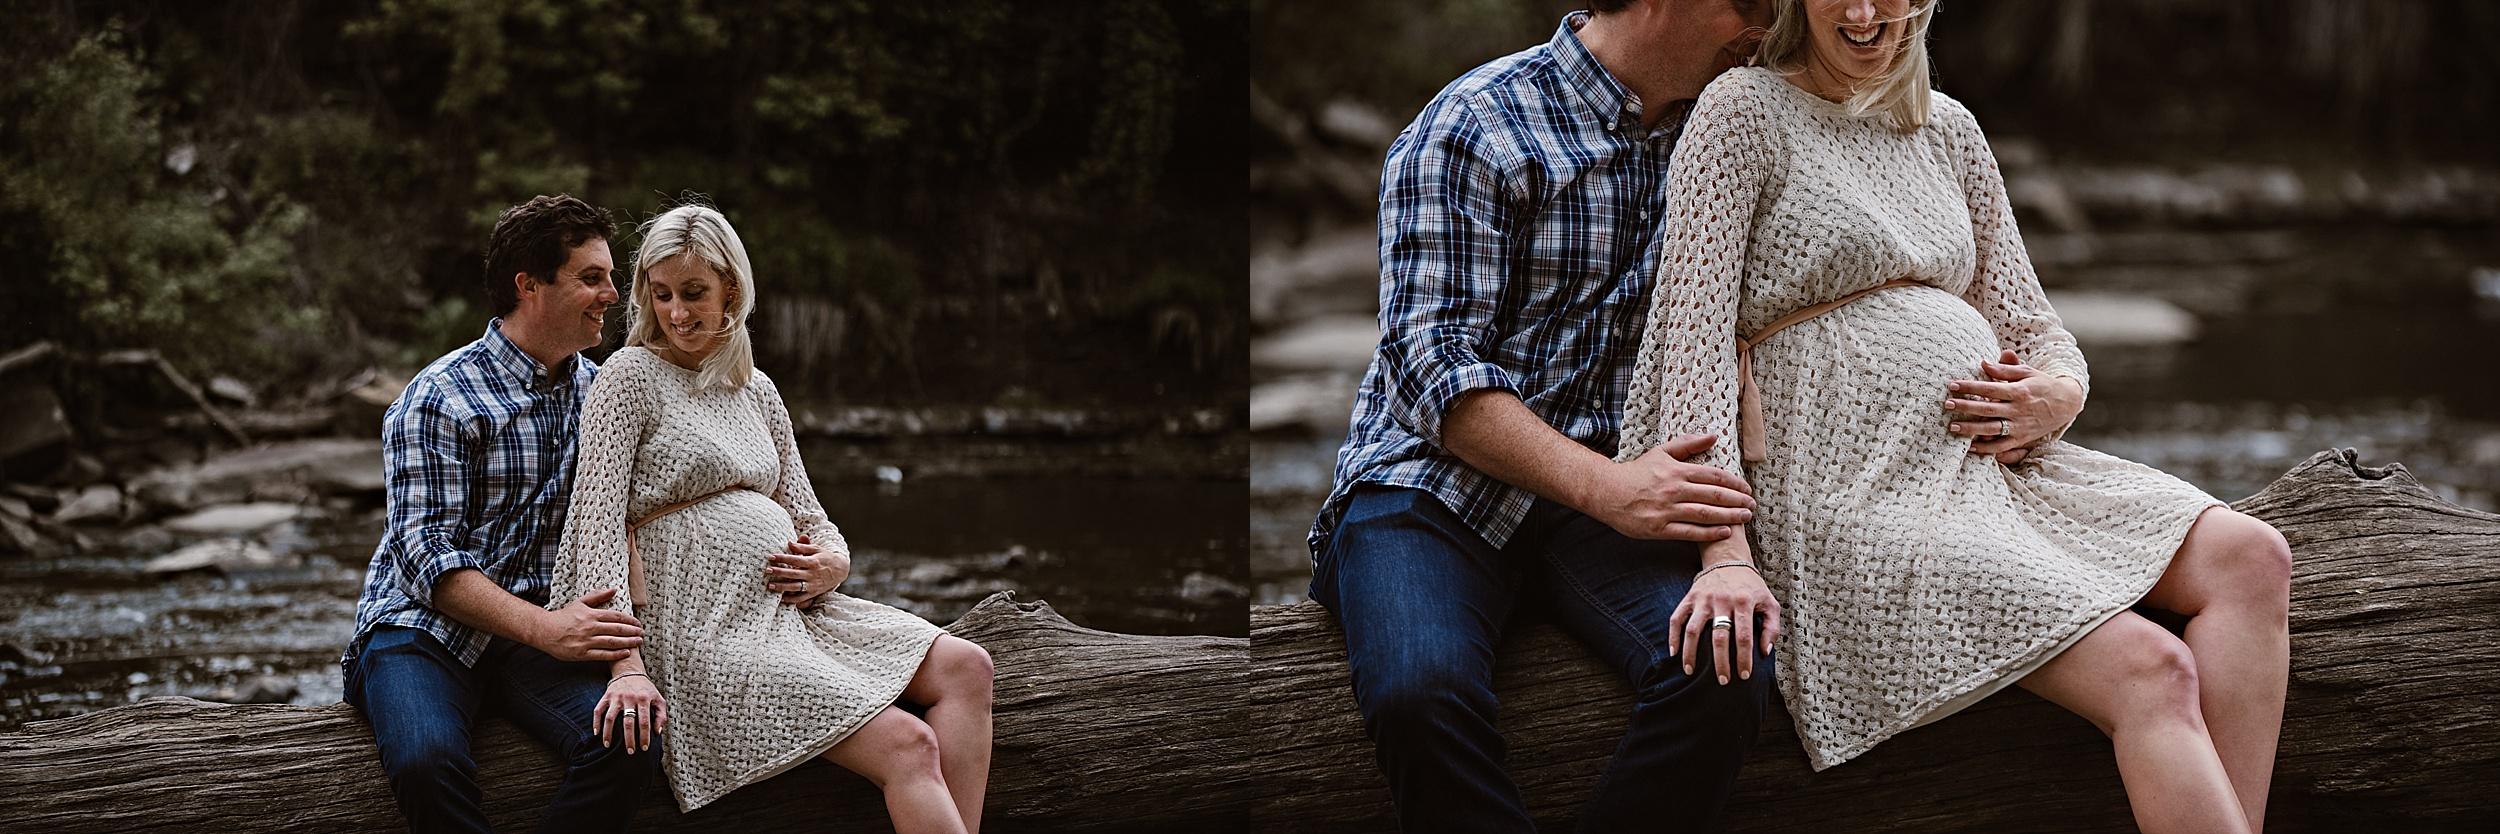 lauren-grayson-photography-portrait-artist-akron-cleveland-ohio-photographer-growth-comparison-breakout-clickin-moms_0144.jpg